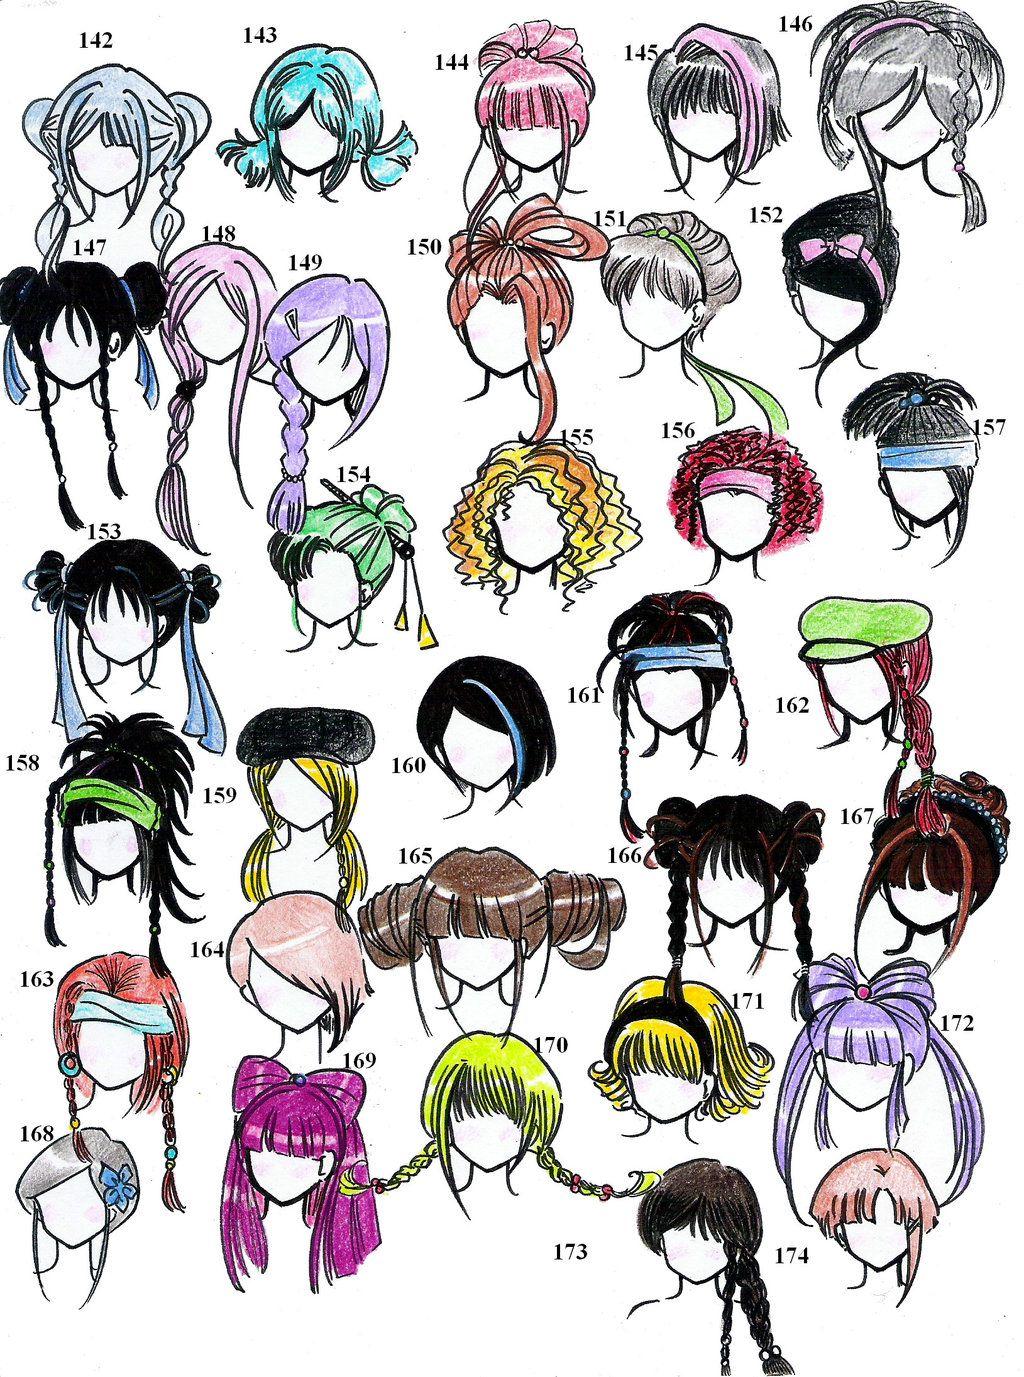 Manga Female Hair | So... how u can see... the female hair have a ...